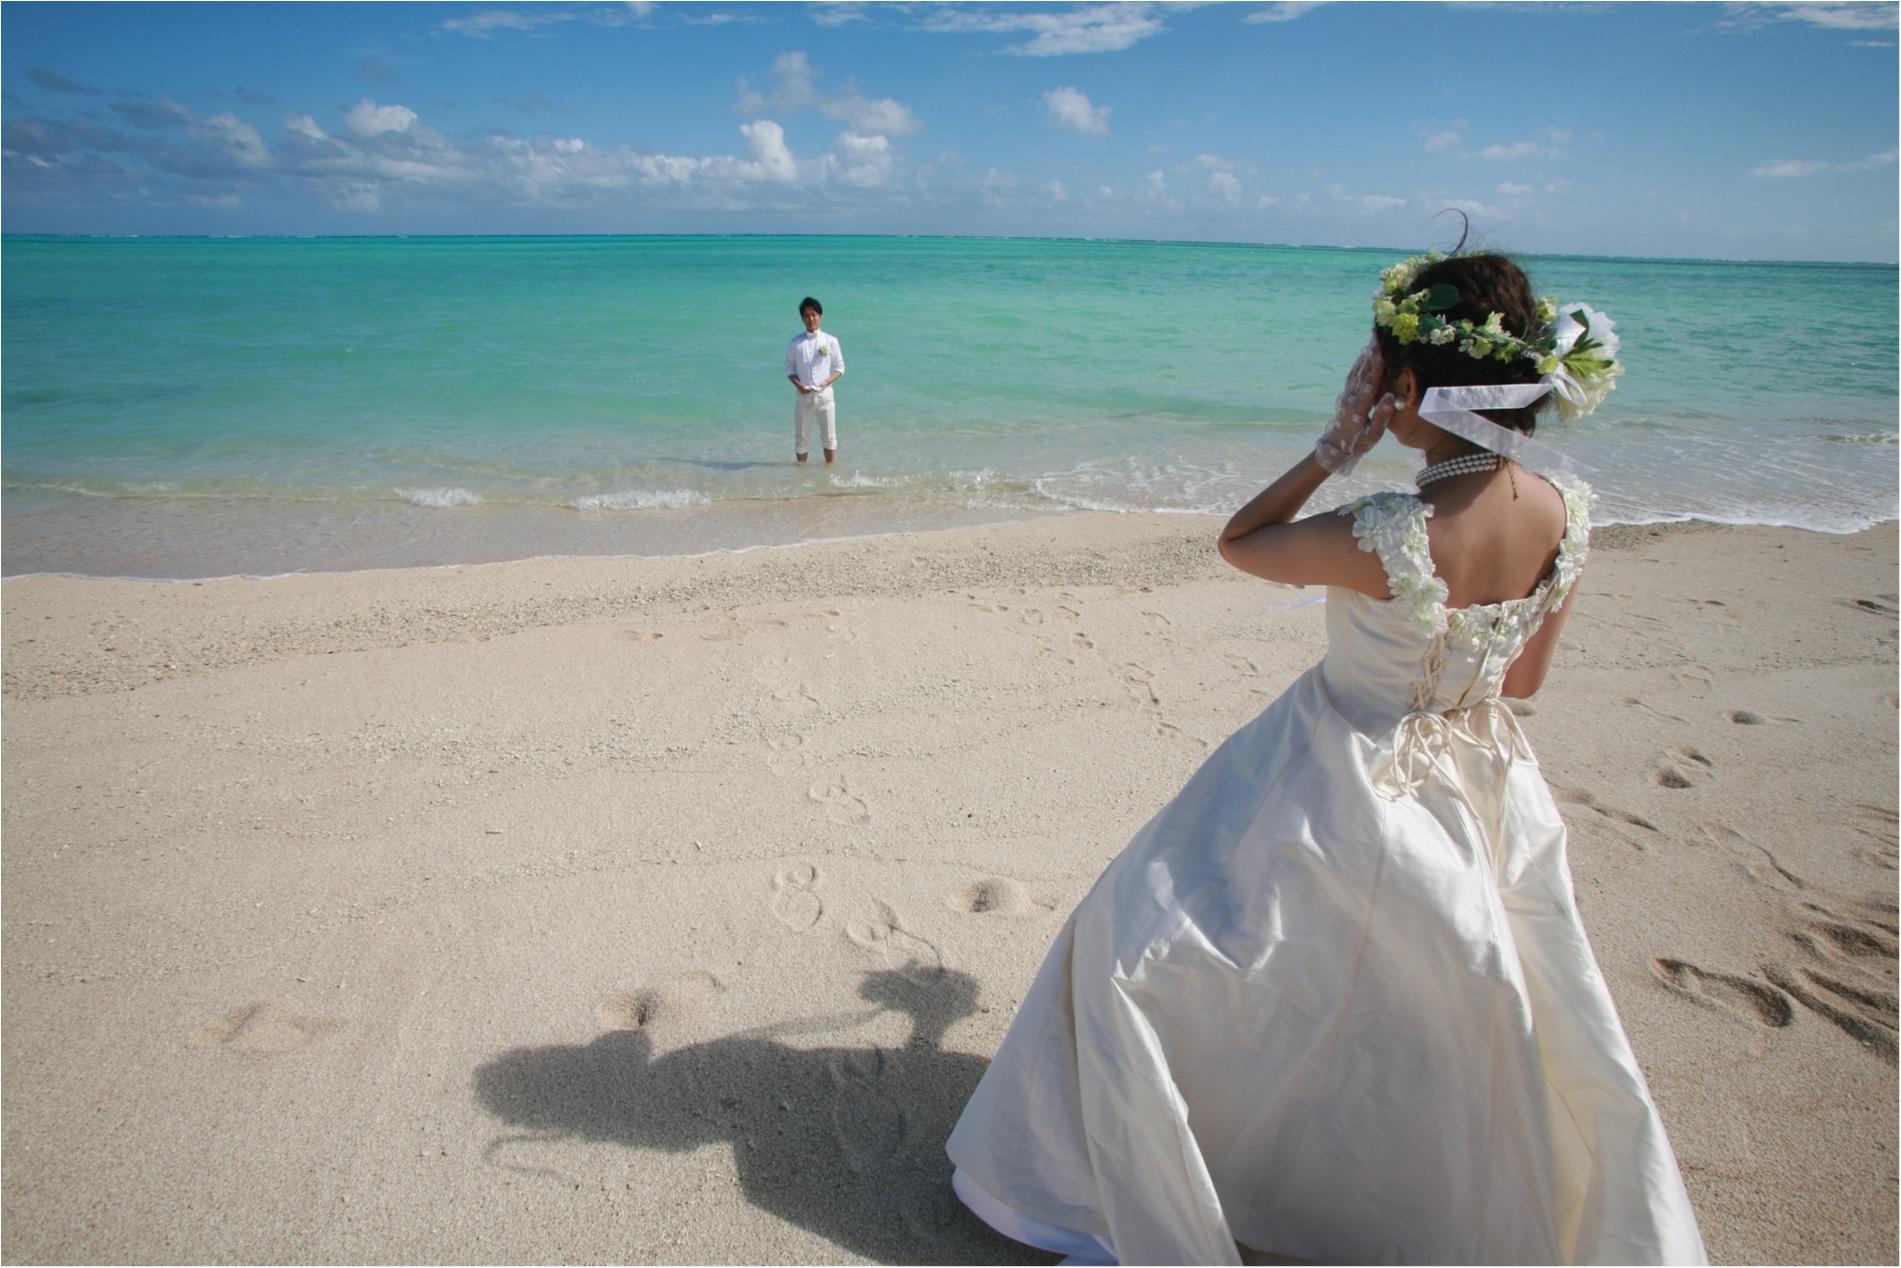 透き通る海!憧れの地「与論島」でのウエディングフォトを撮ってきました_9